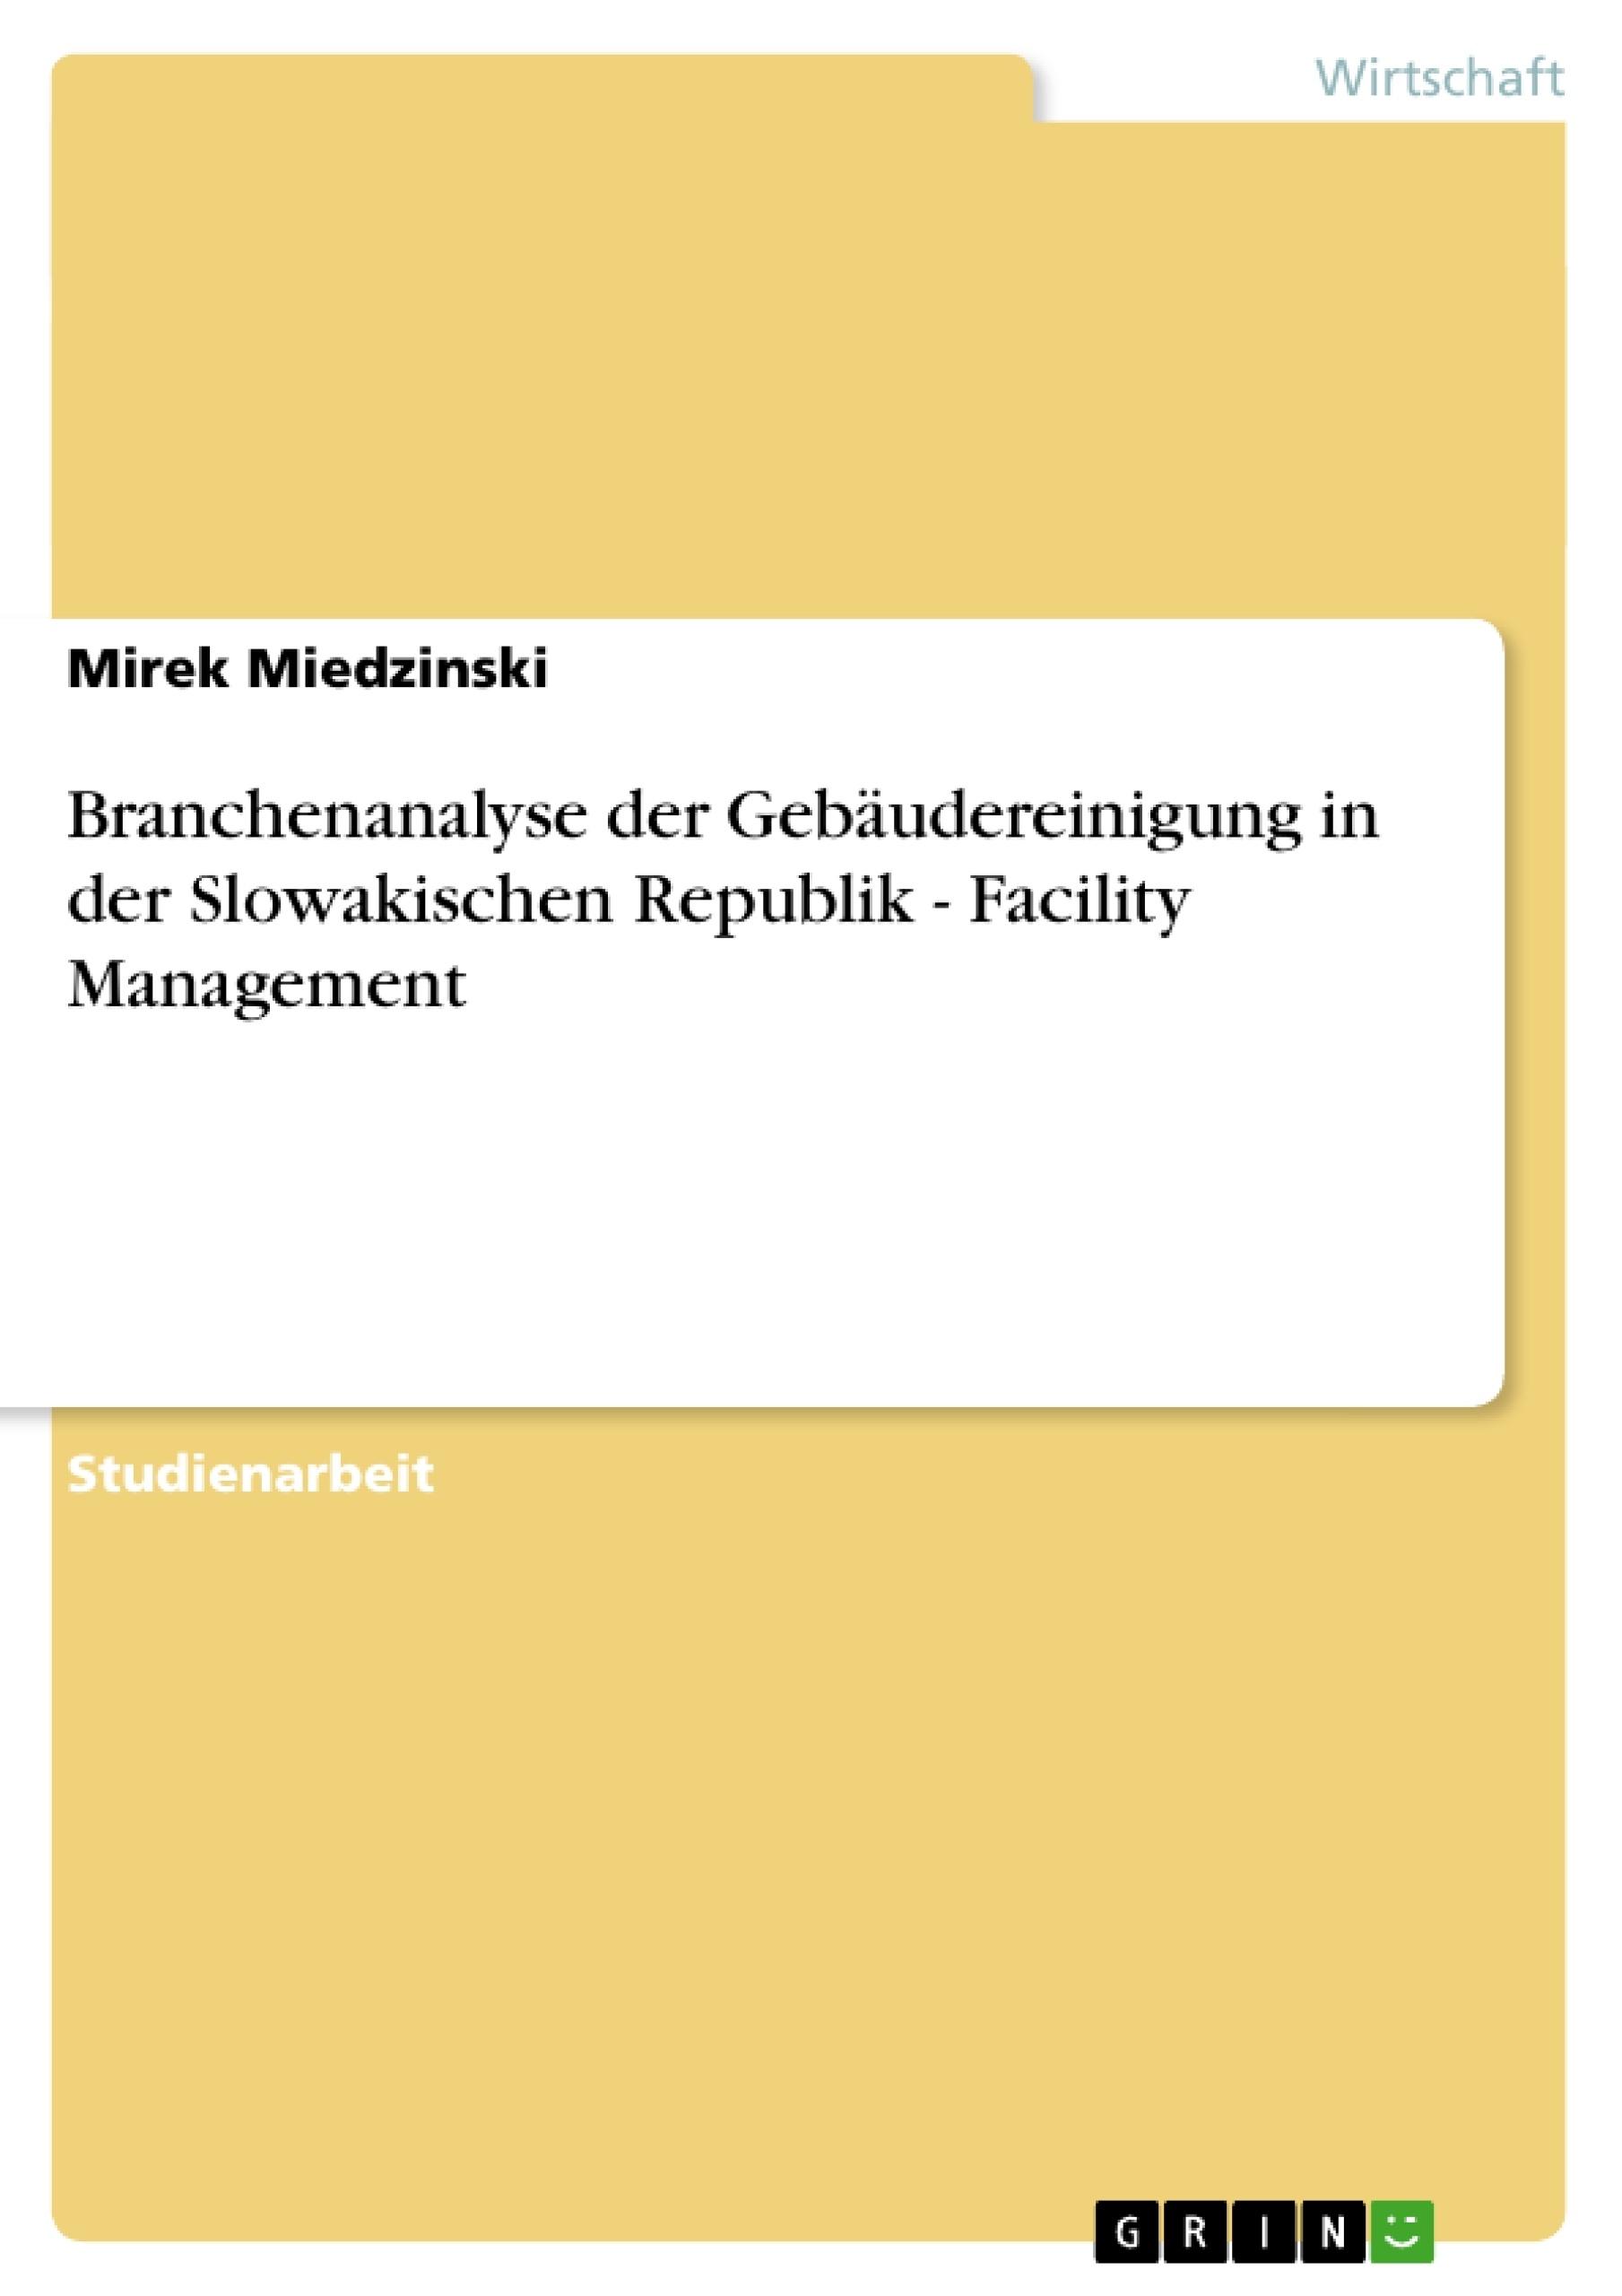 Titel: Branchenanalyse der Gebäudereinigung in der Slowakischen Republik  - Facility Management